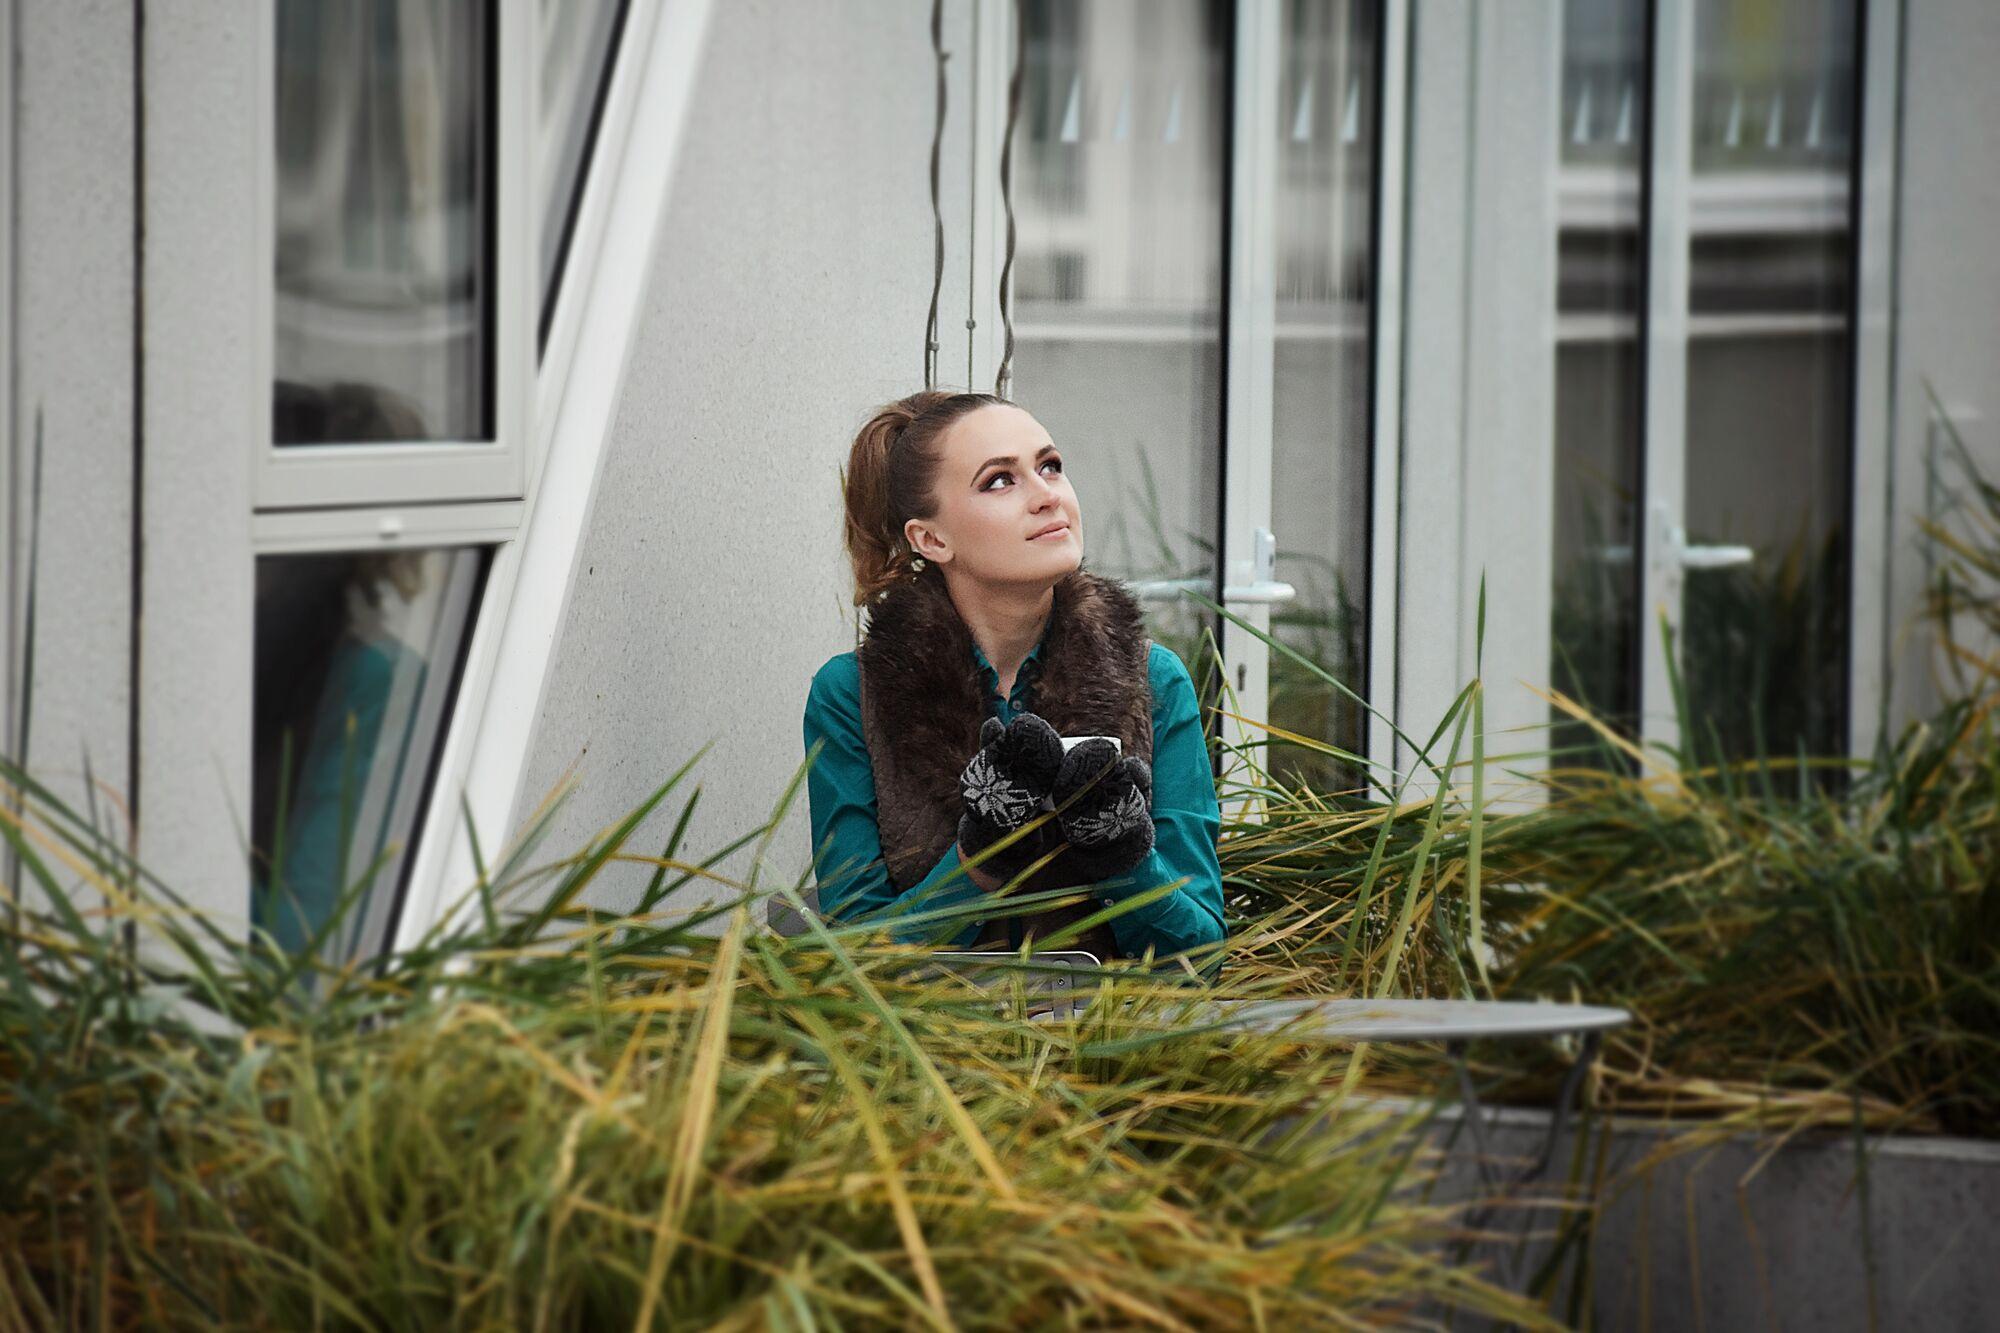 Закончив Житомирский университетЕлена Игнатюк уехала учиться в Данию